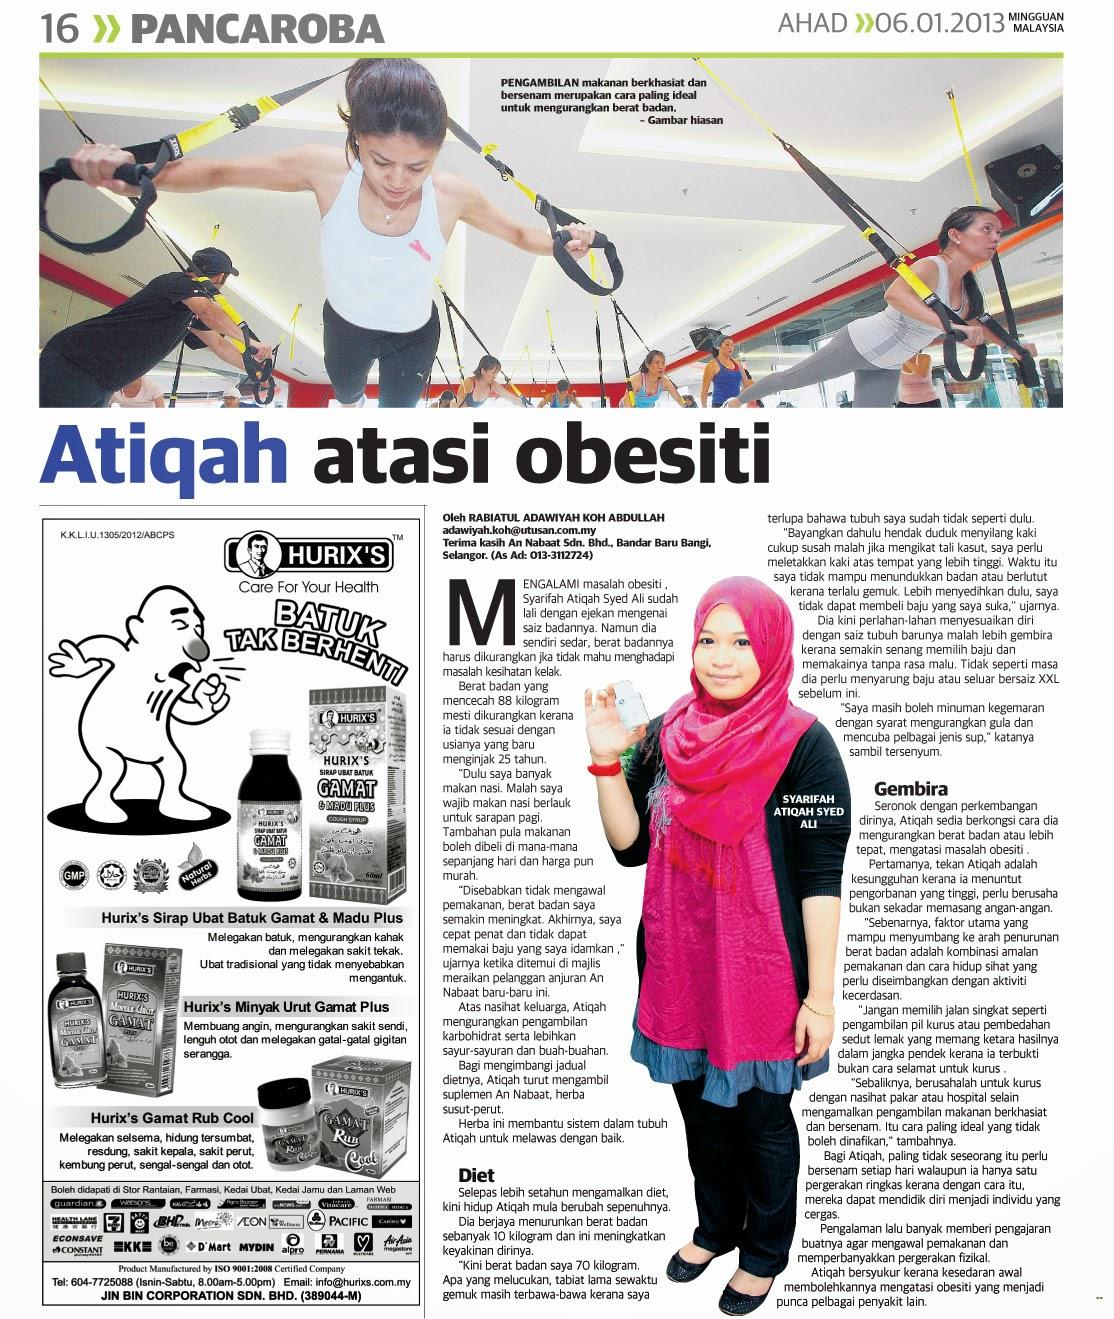 Mengalami masalah obesiti syarifah atiqah syed ali sudah lali dengan ejekan mengenai saiz badannya namun dia sendiri sedar berat badannya harus